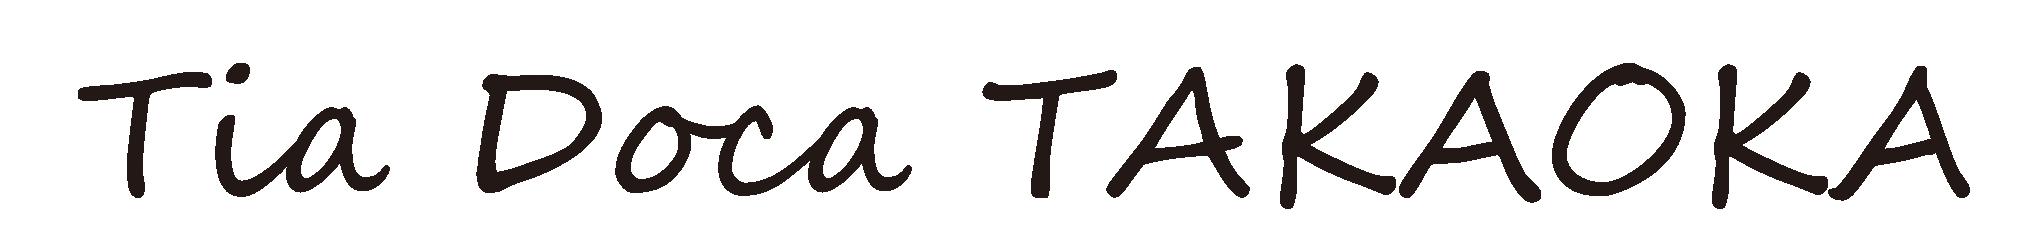 tiadocatakaoka